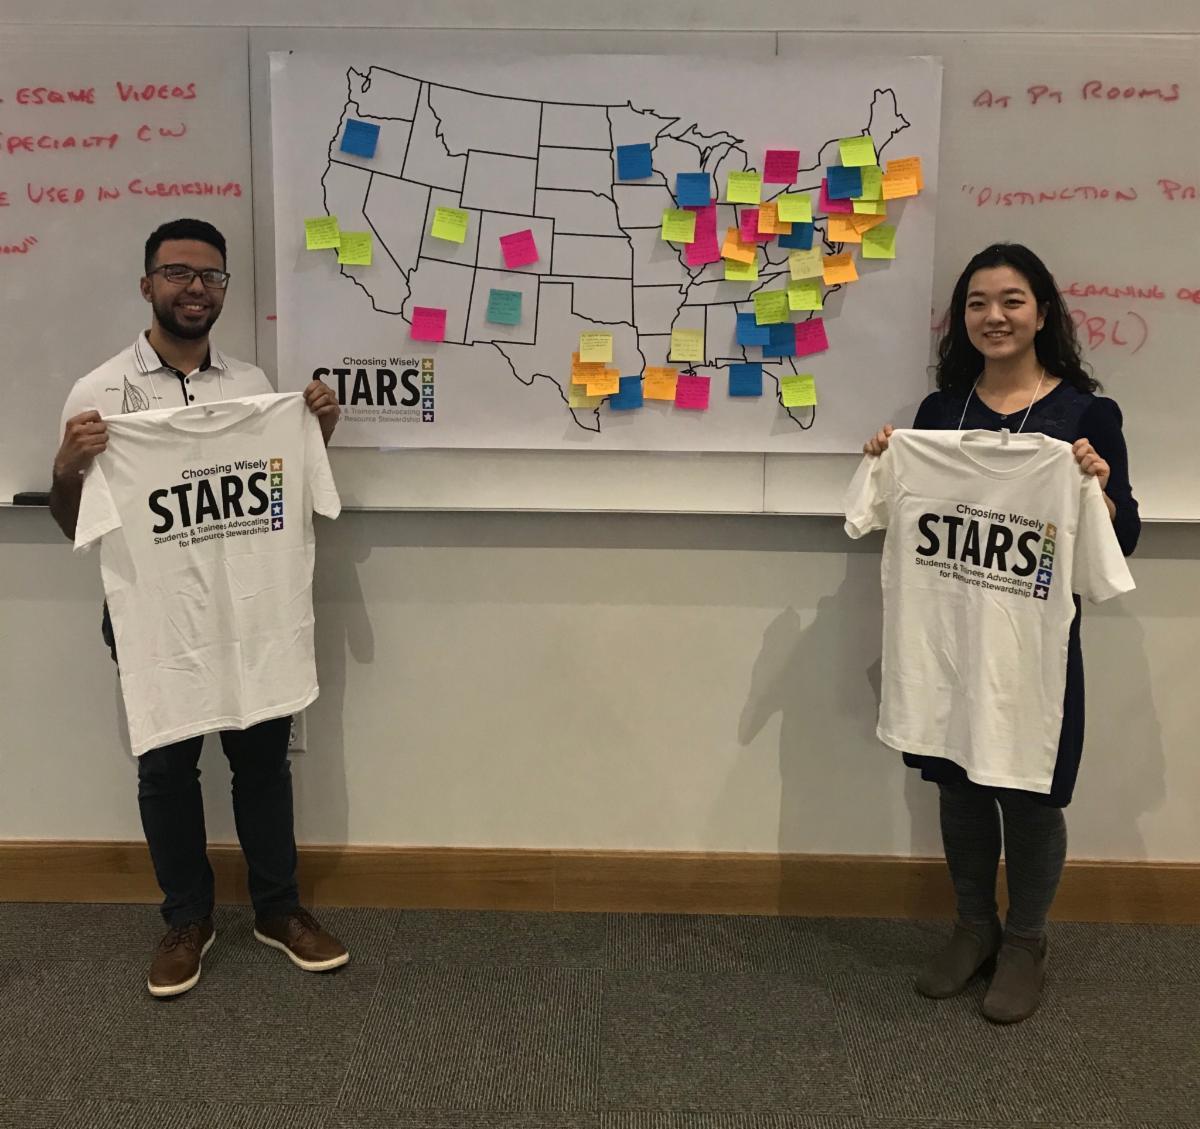 Choosing Wisely STARS leaders